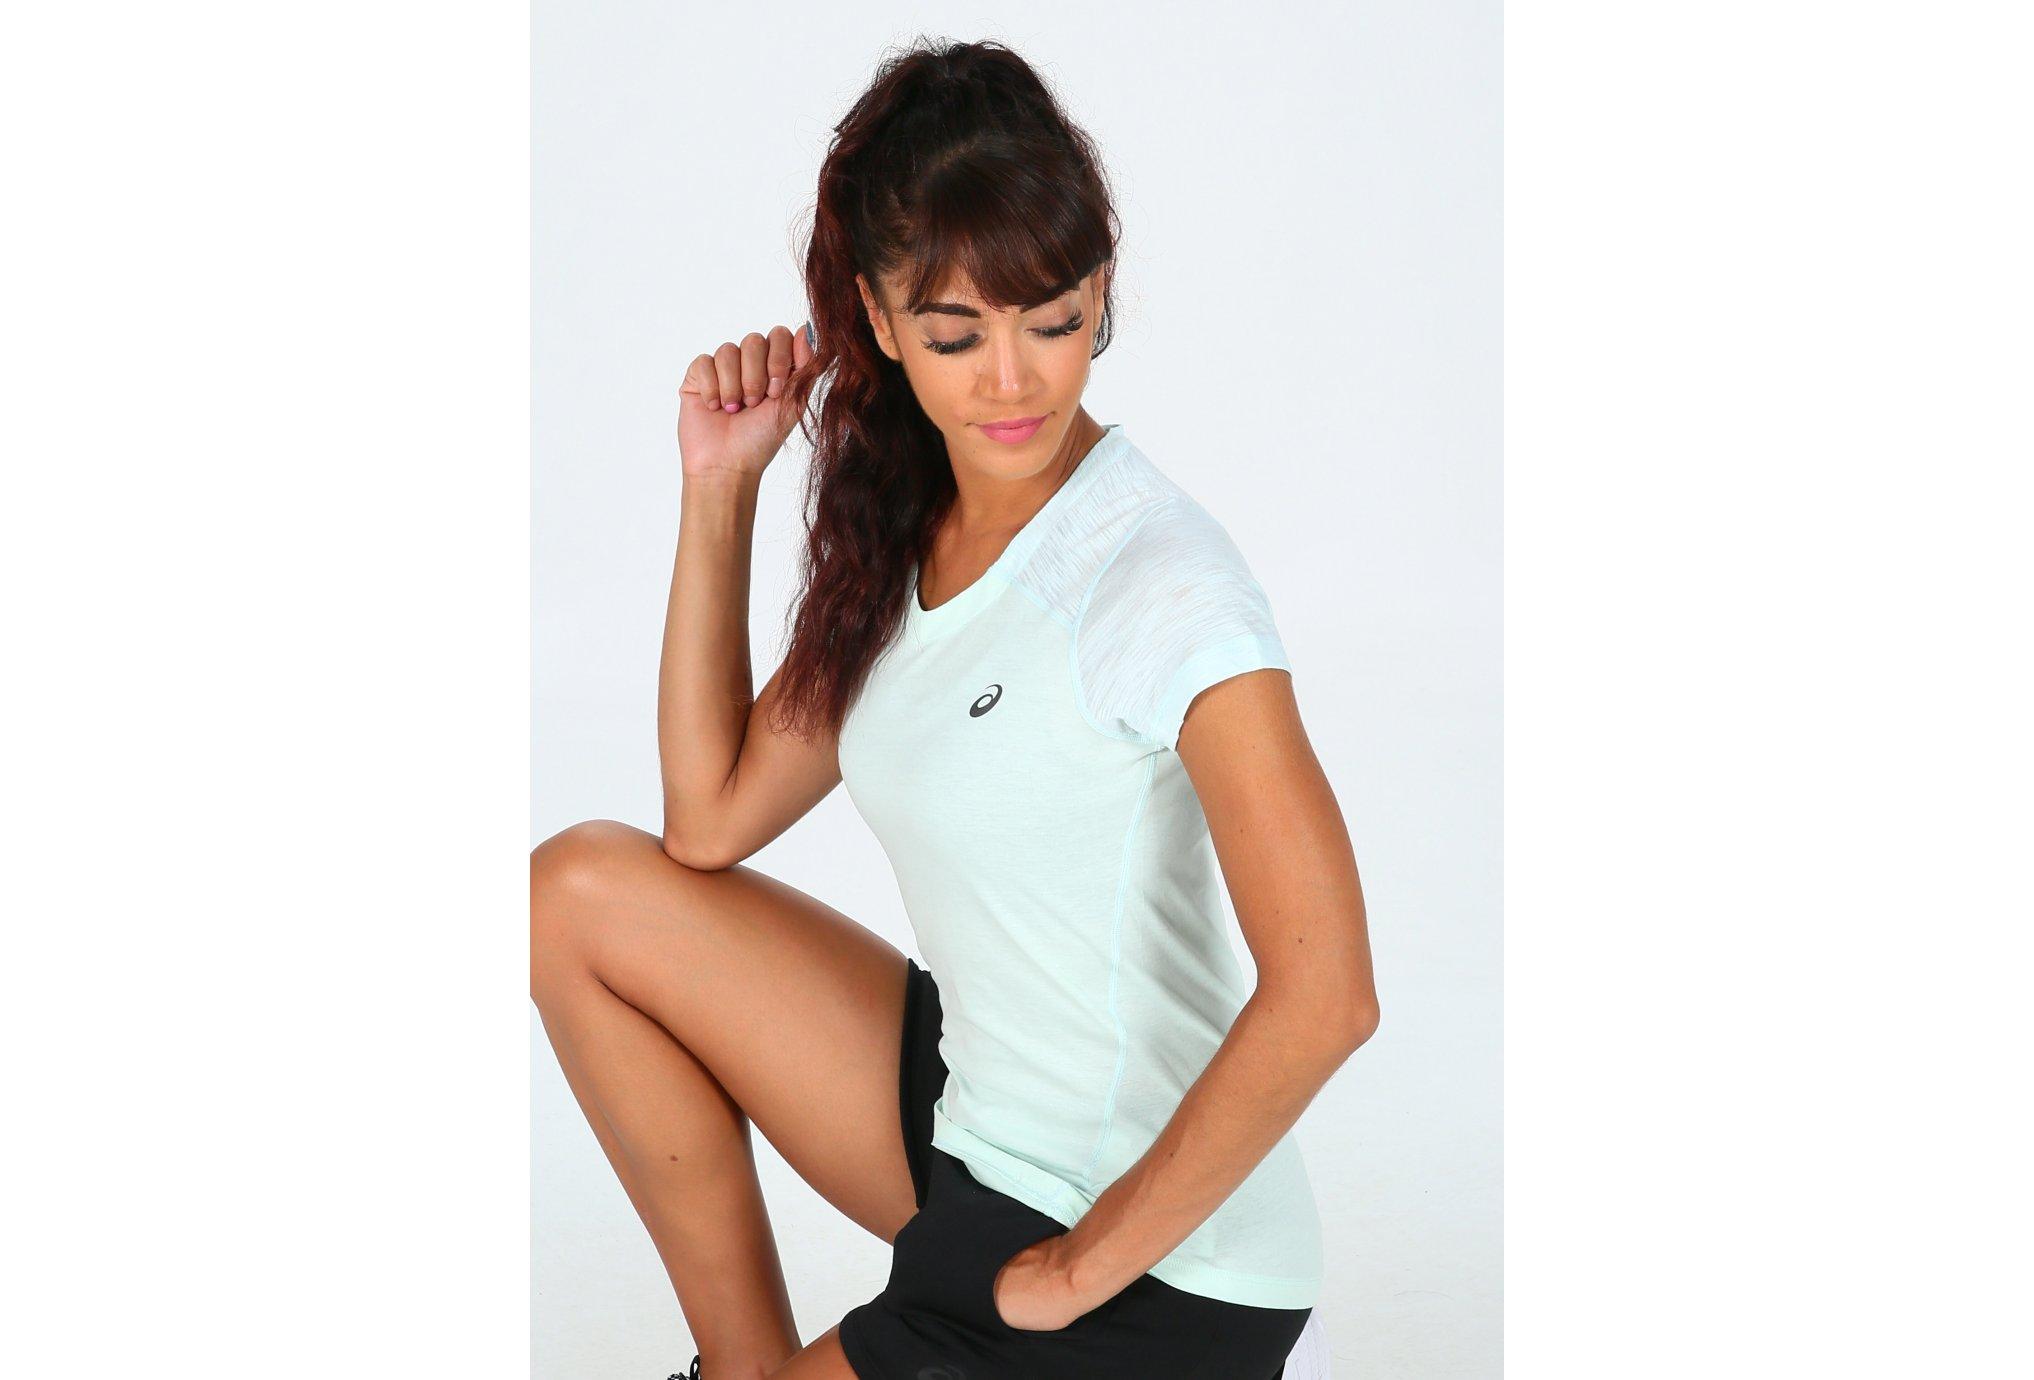 Asics Tee-shirt FuseX W Diététique Vêtements femme